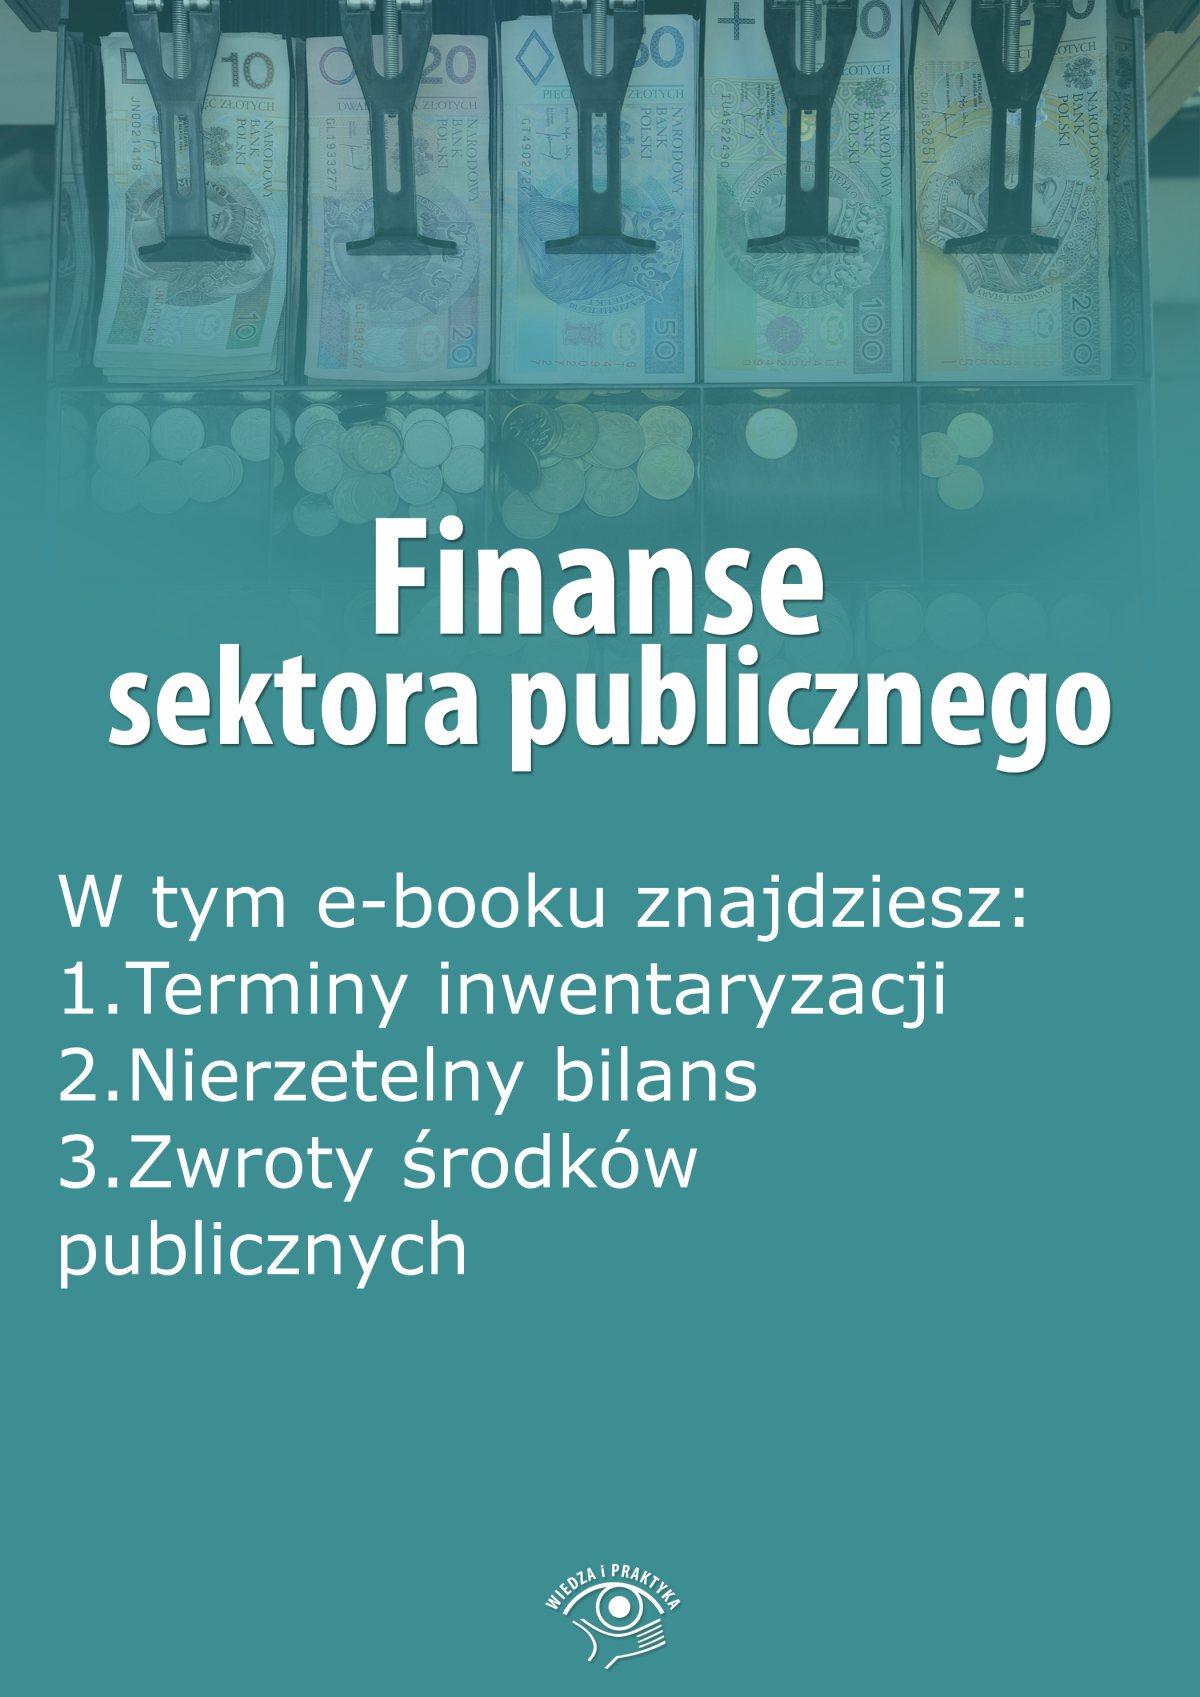 Finanse sektora publicznego, wydanie listopad 2015 r. - Ebook (Książka EPUB) do pobrania w formacie EPUB